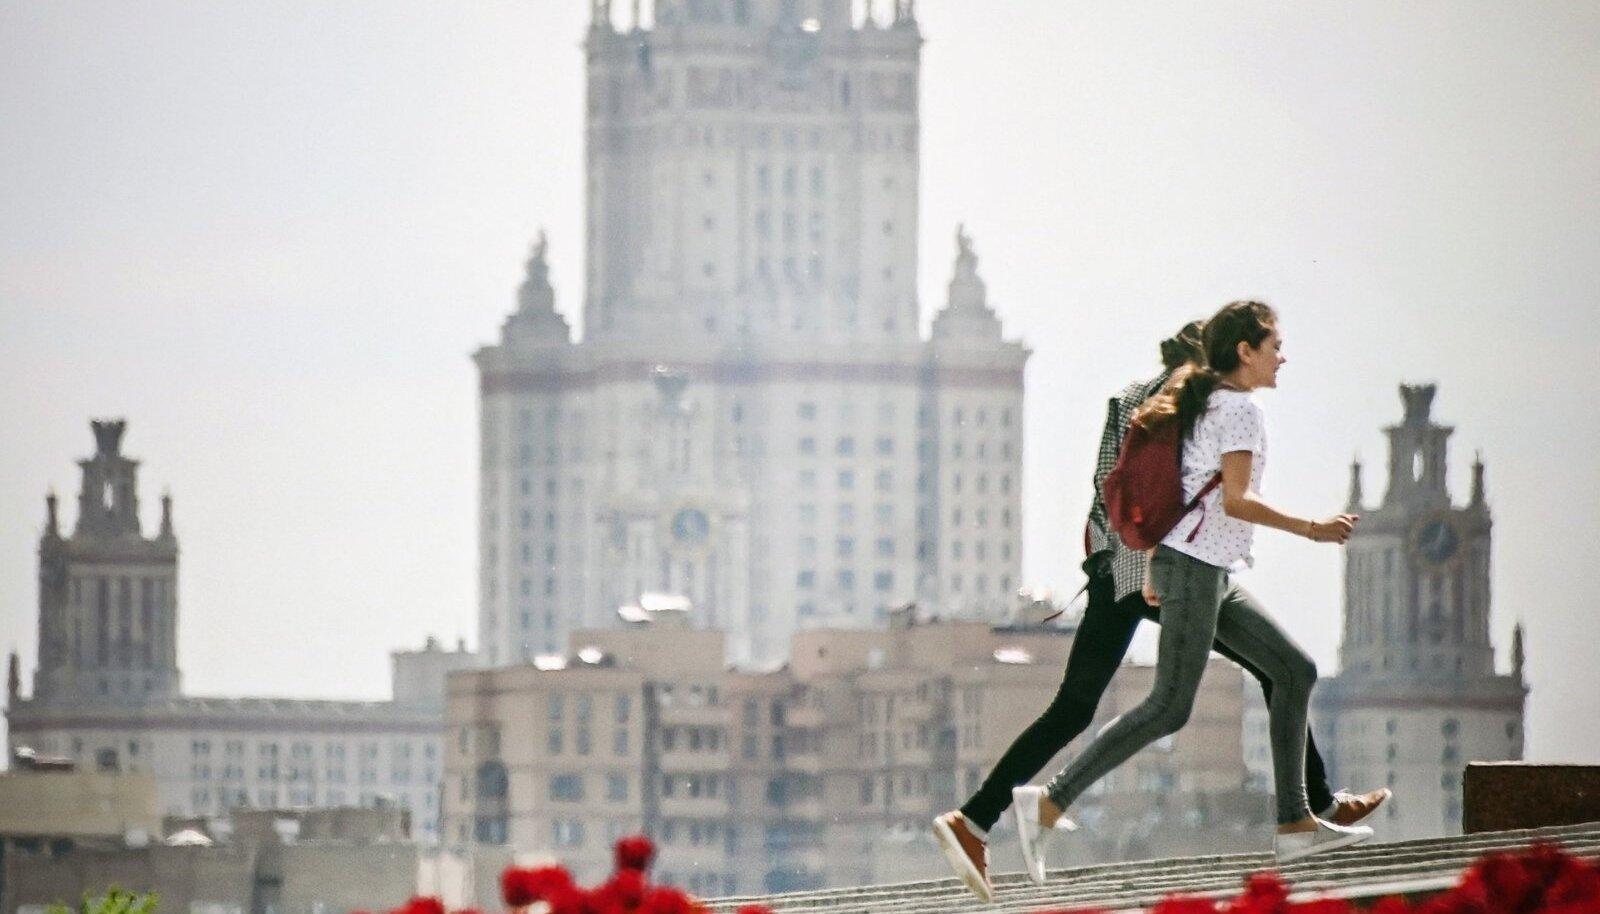 Moskva riiklikus ülikoolis võib sügisest hakata õppima erakordselt noor tudeng. Pildil Moskva ülikooli peahoone